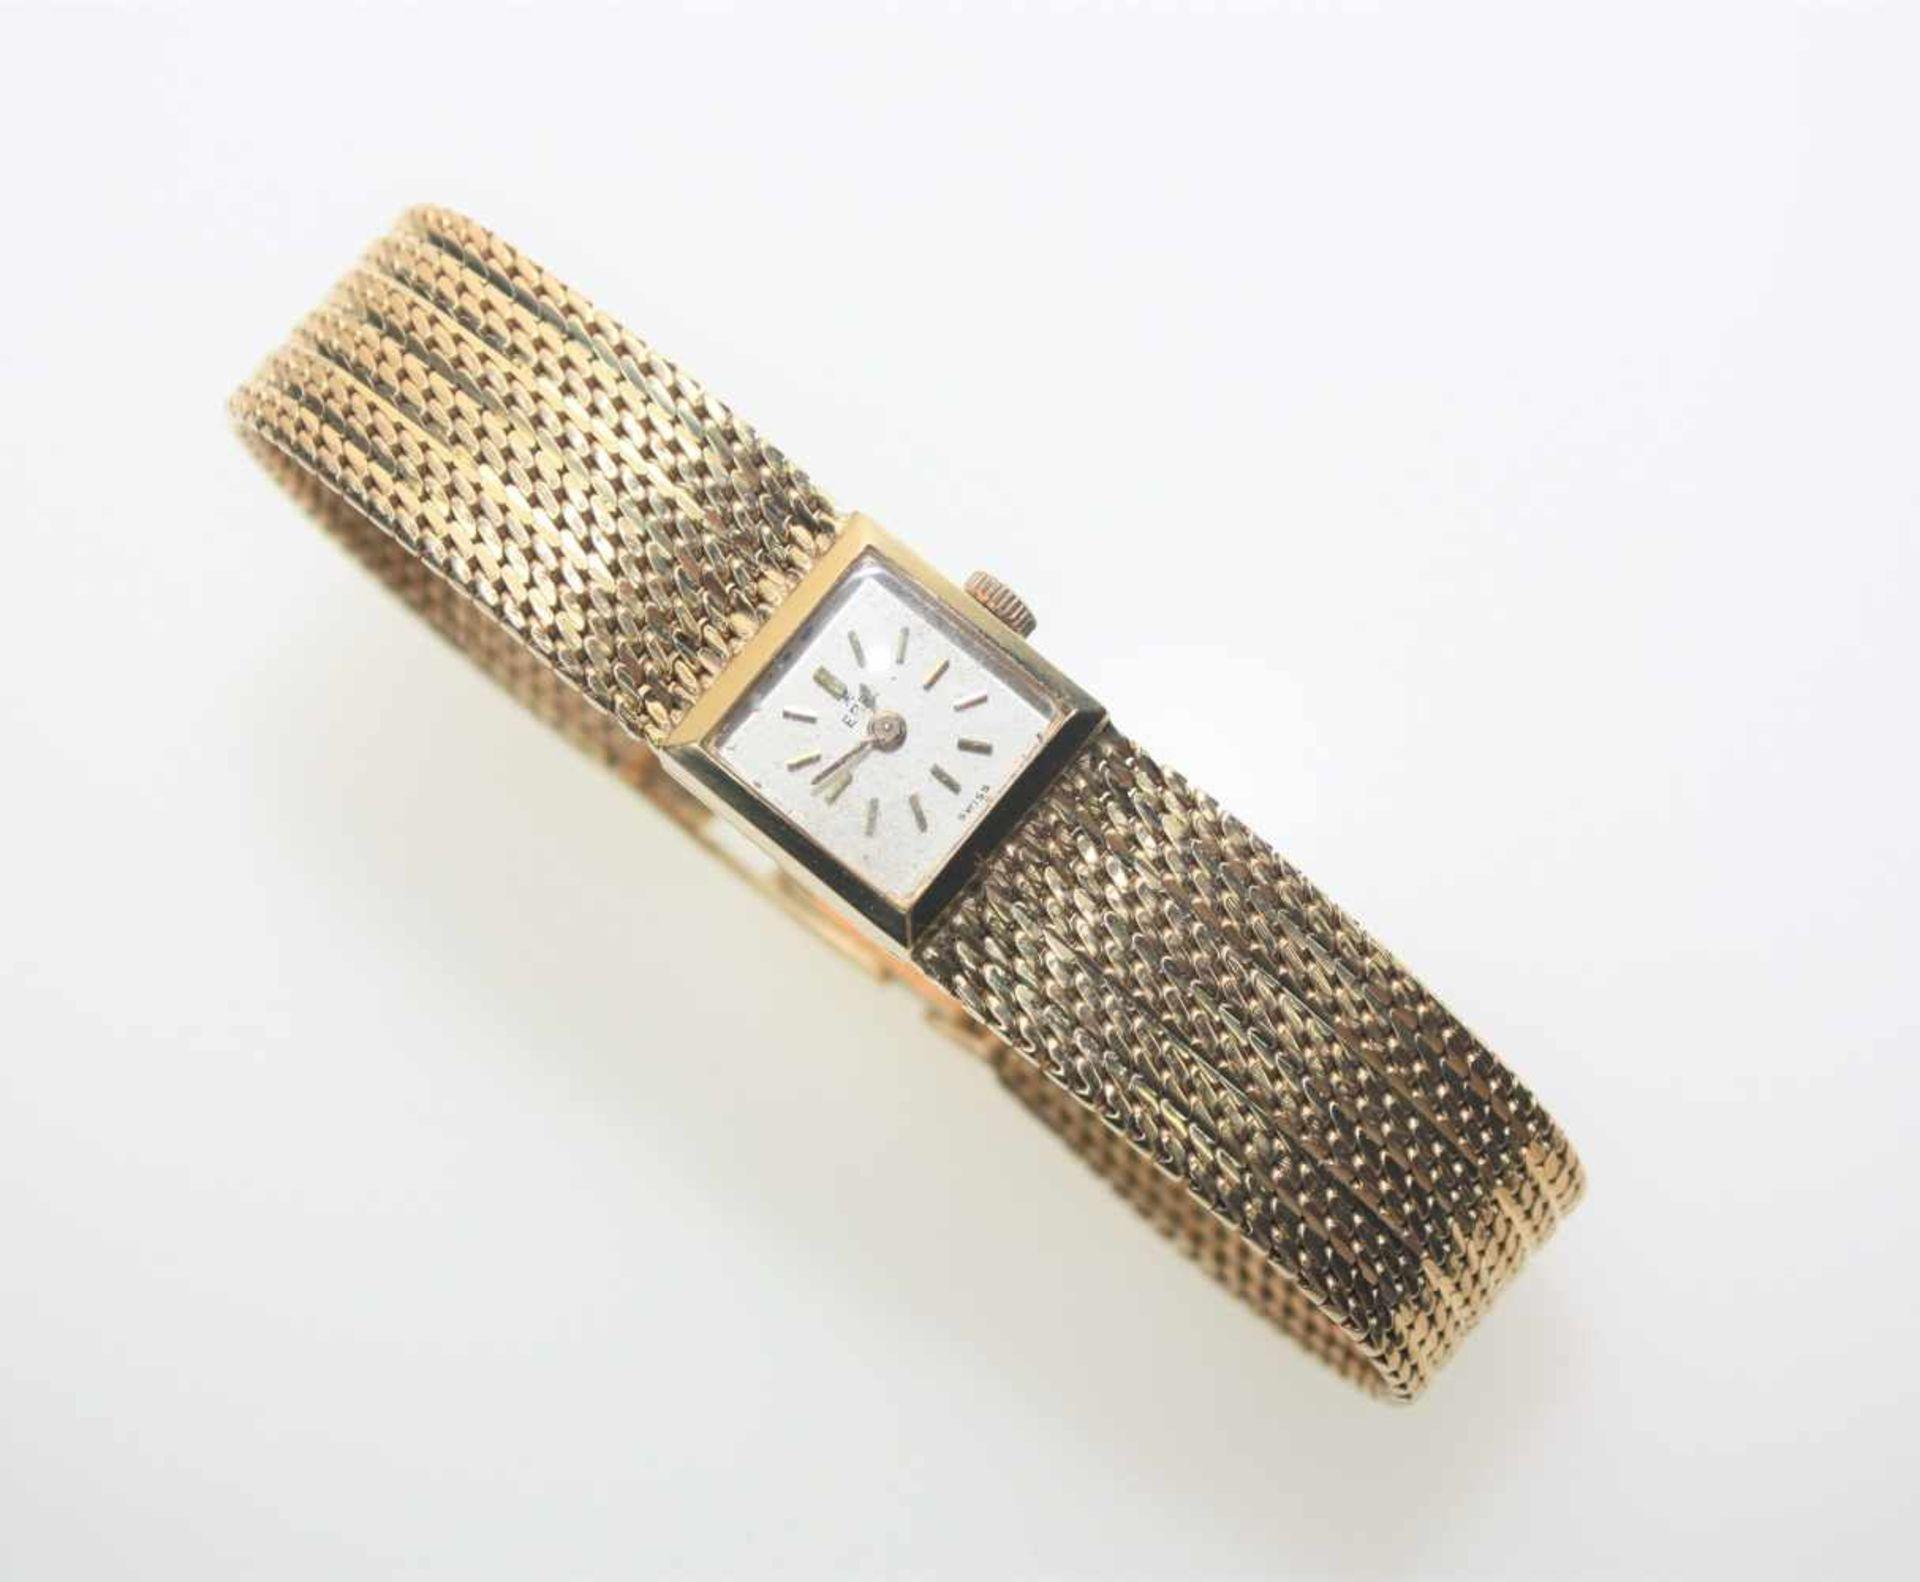 Goldene Damen-Armbanduhr mit fest angearbeitetem Ansatzband 750/f gest., quadratisches Zifferblatt